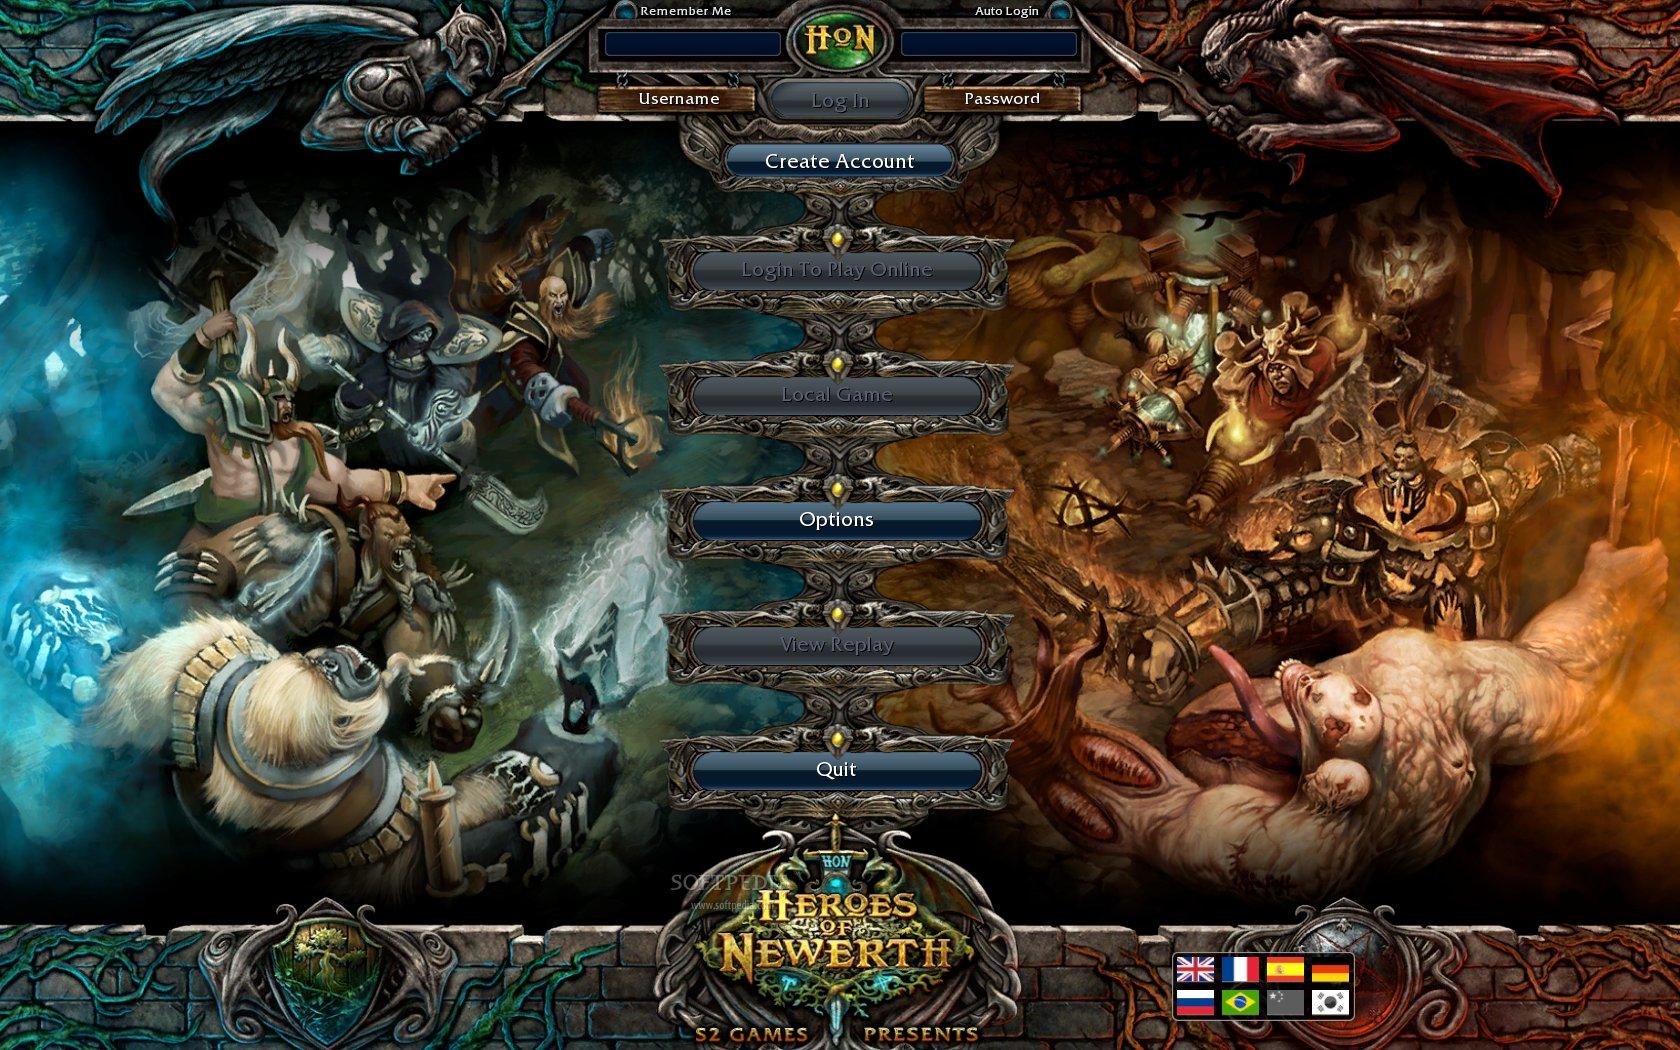 Heroes of Newerth 10